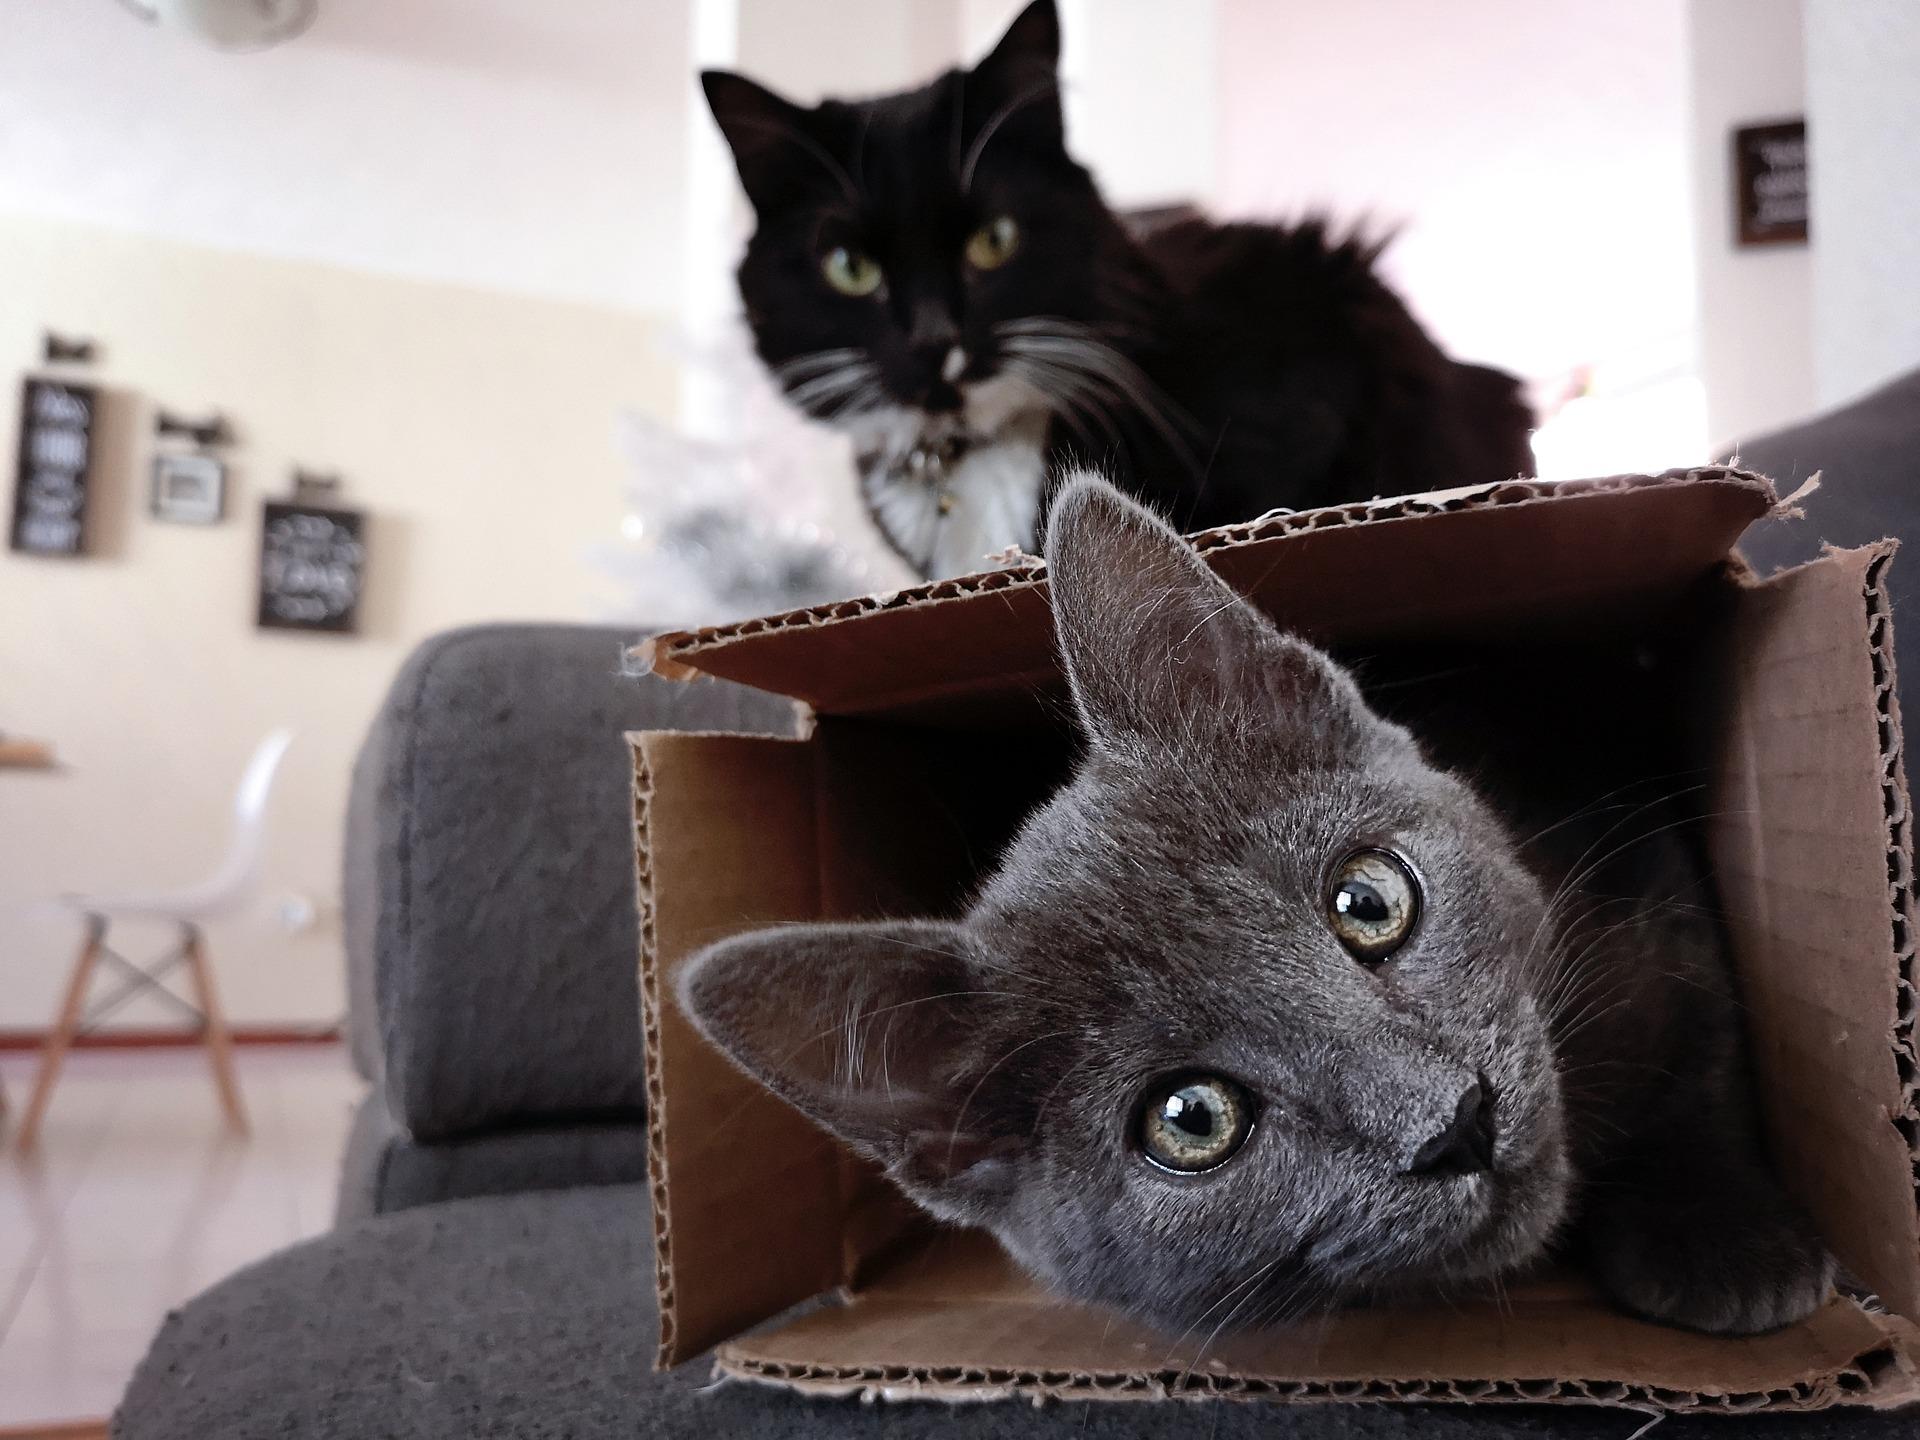 Los gatos en celo pueden volverse muy cariñosos